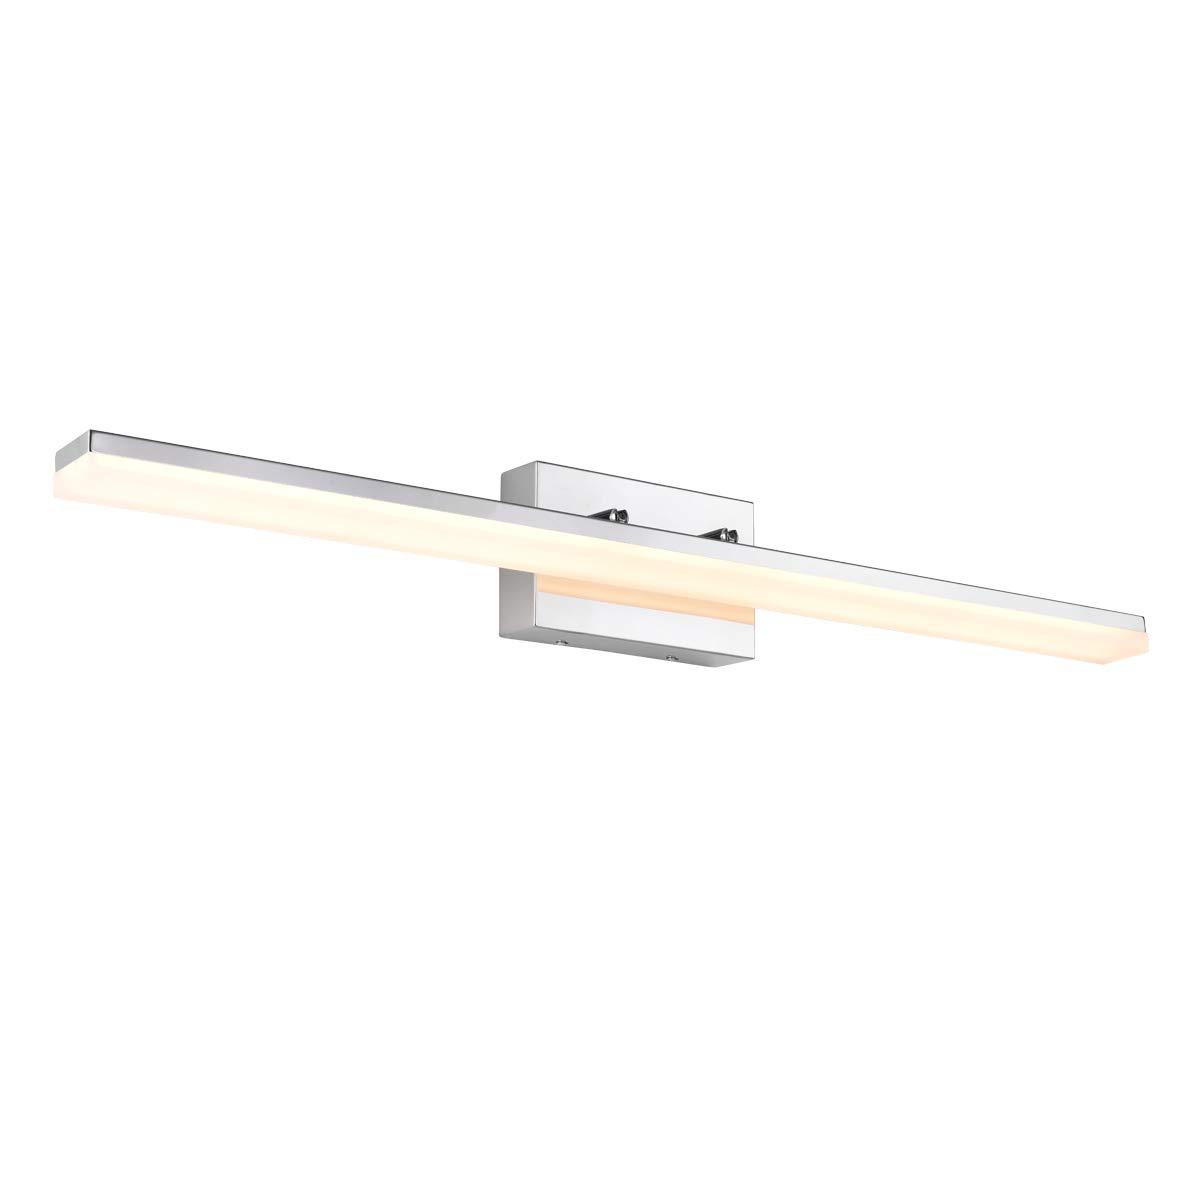 mirrea 36in Modern LED Vanity Light for Bathroom Lighting Dimmable 36w Warm White 3000K